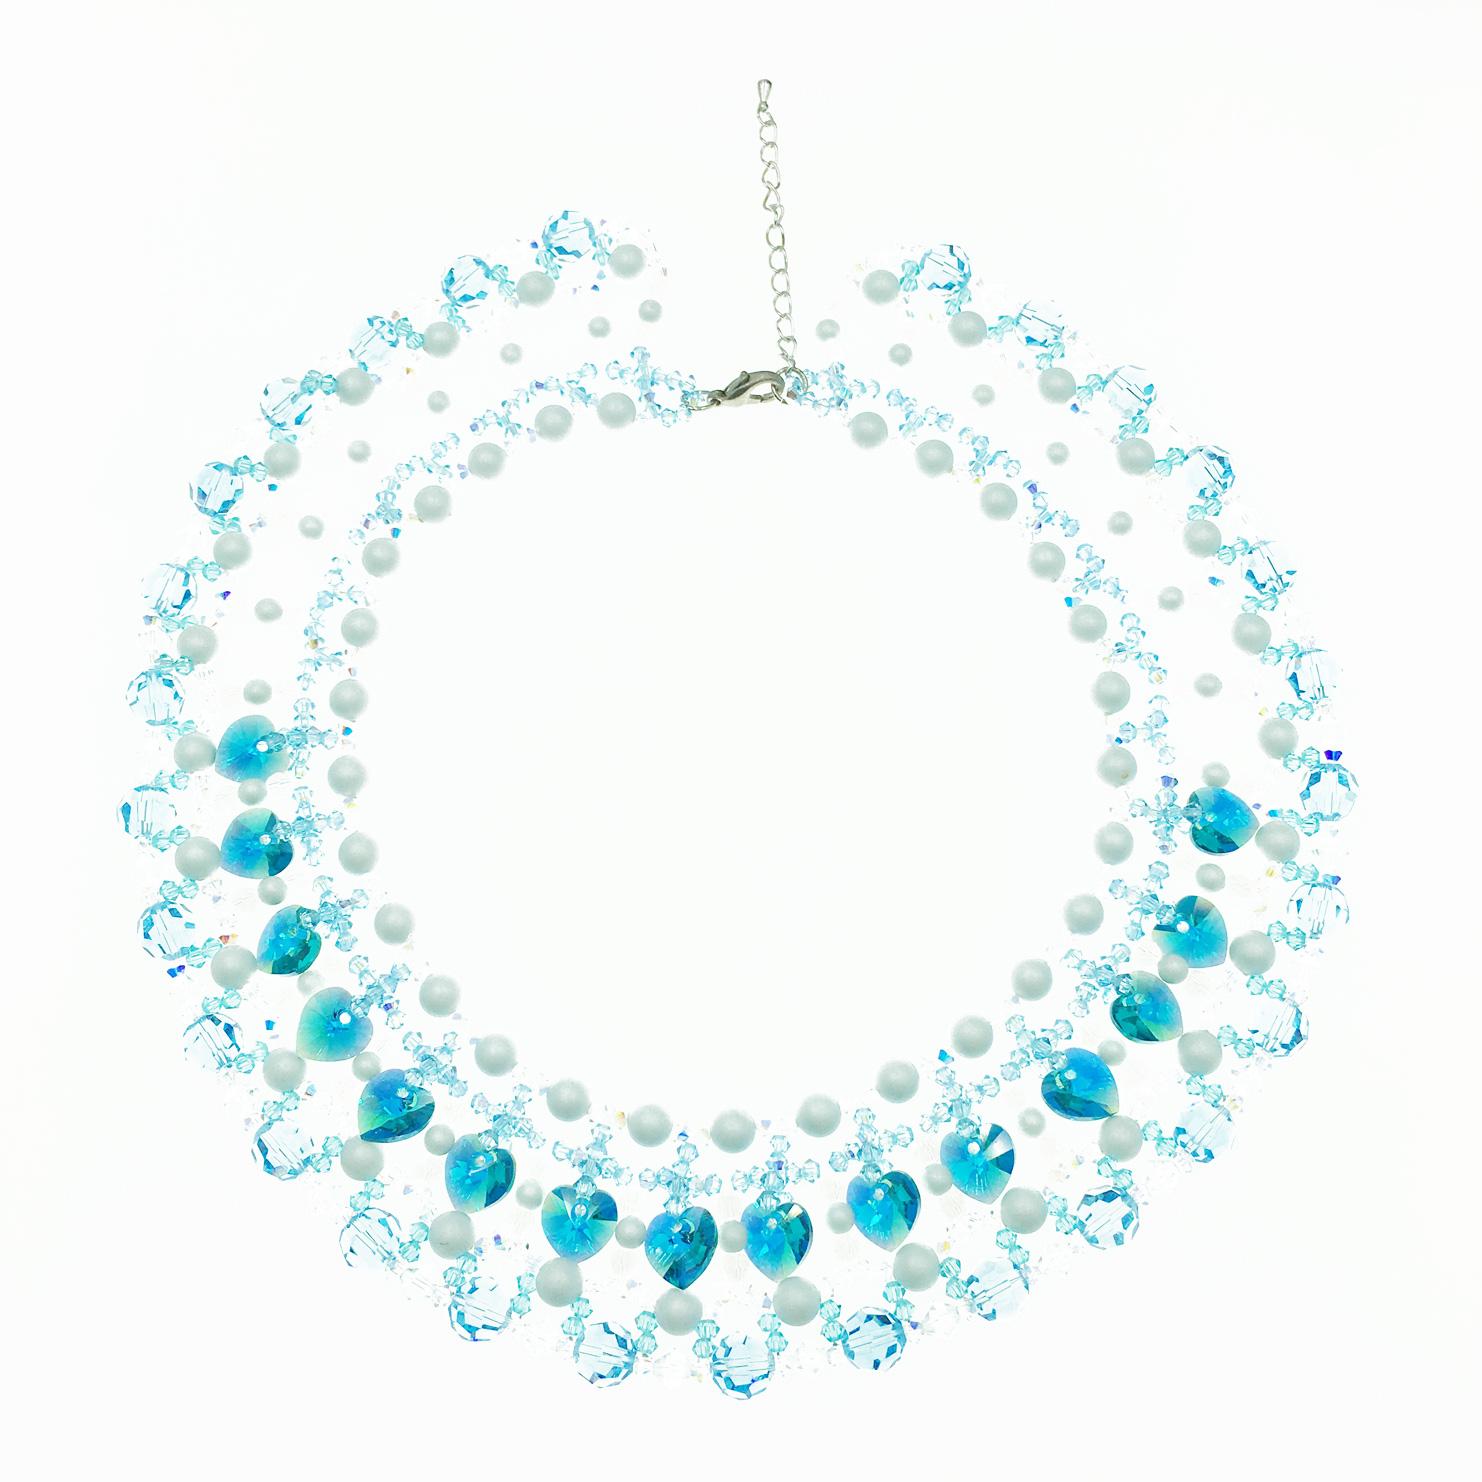 白色珠珠 愛心 水晶 透明 藍色 項鍊 採用施華洛世奇水晶元素 Crystals from Swarovski